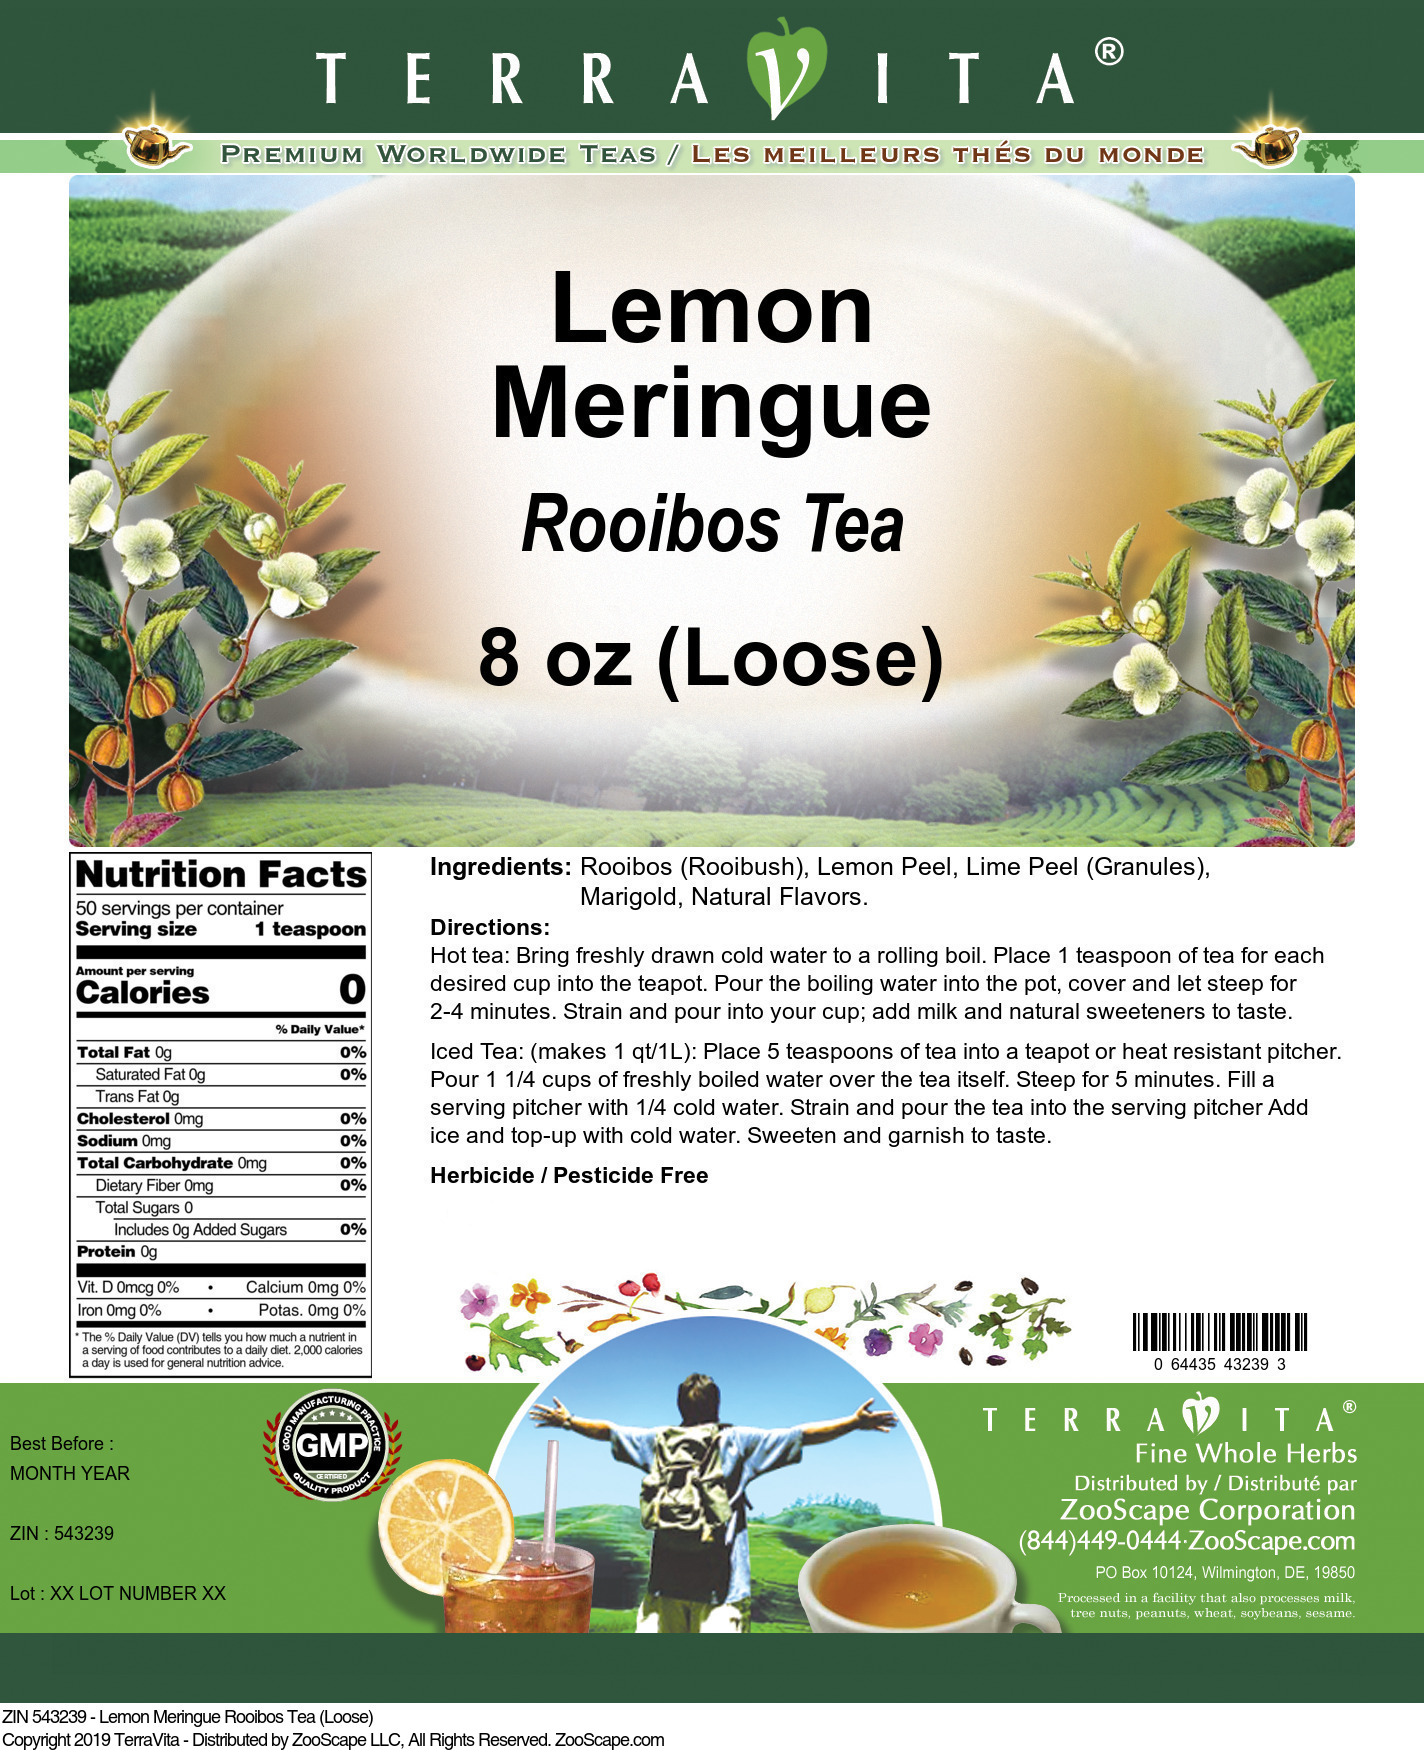 Lemon Meringue Rooibos Tea (Loose)